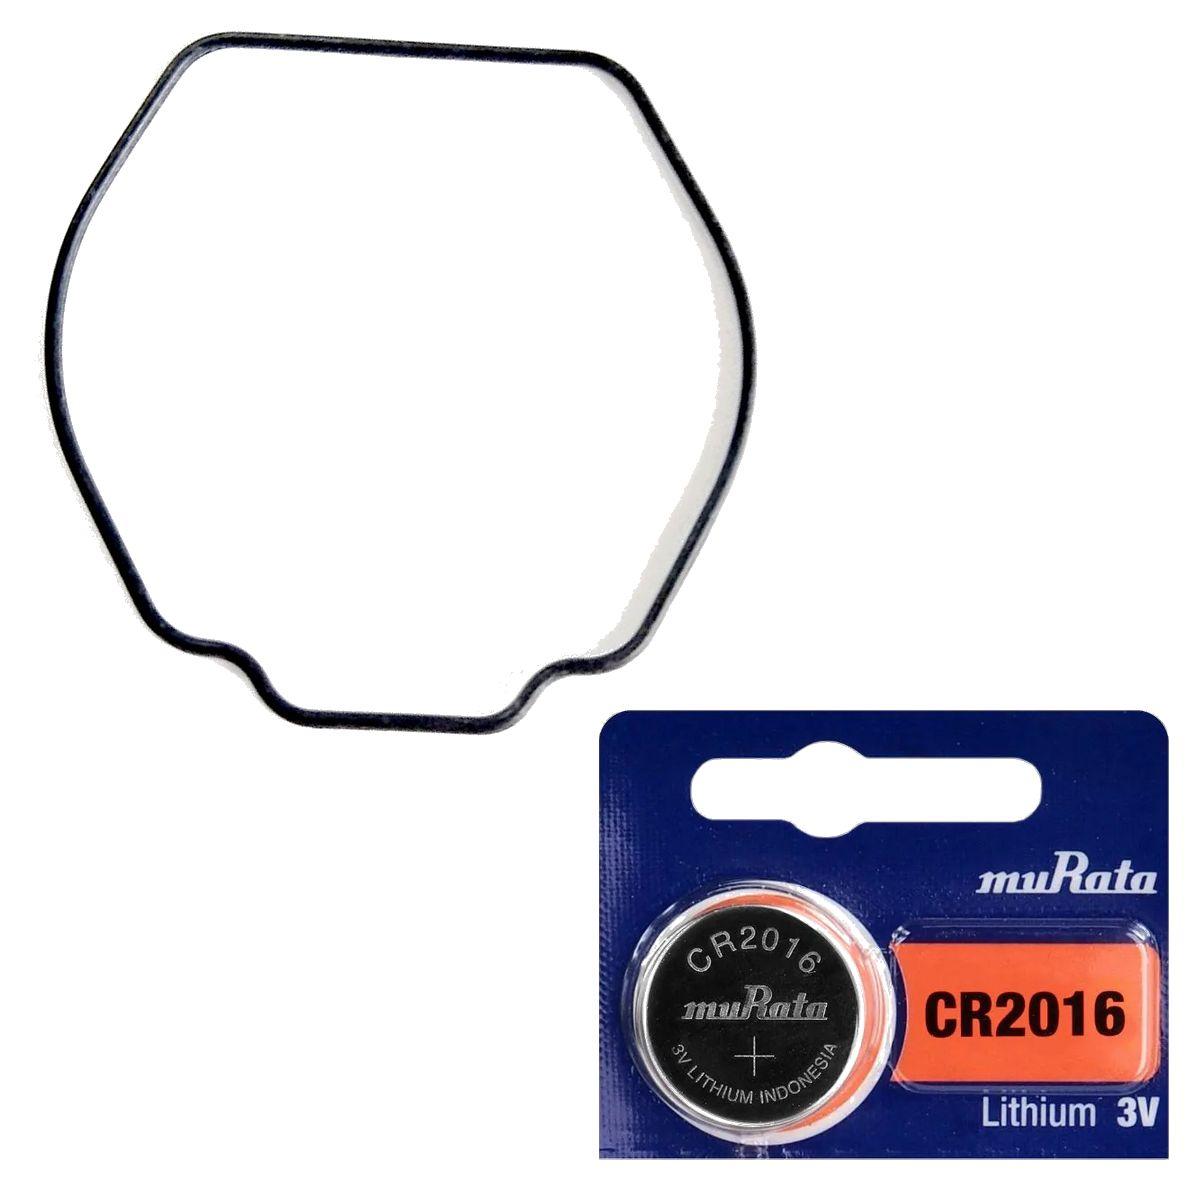 Anel de Vedação + Pilha CR2016 Sony Murata G-7600 Casio G-Shock  - E-Presentes